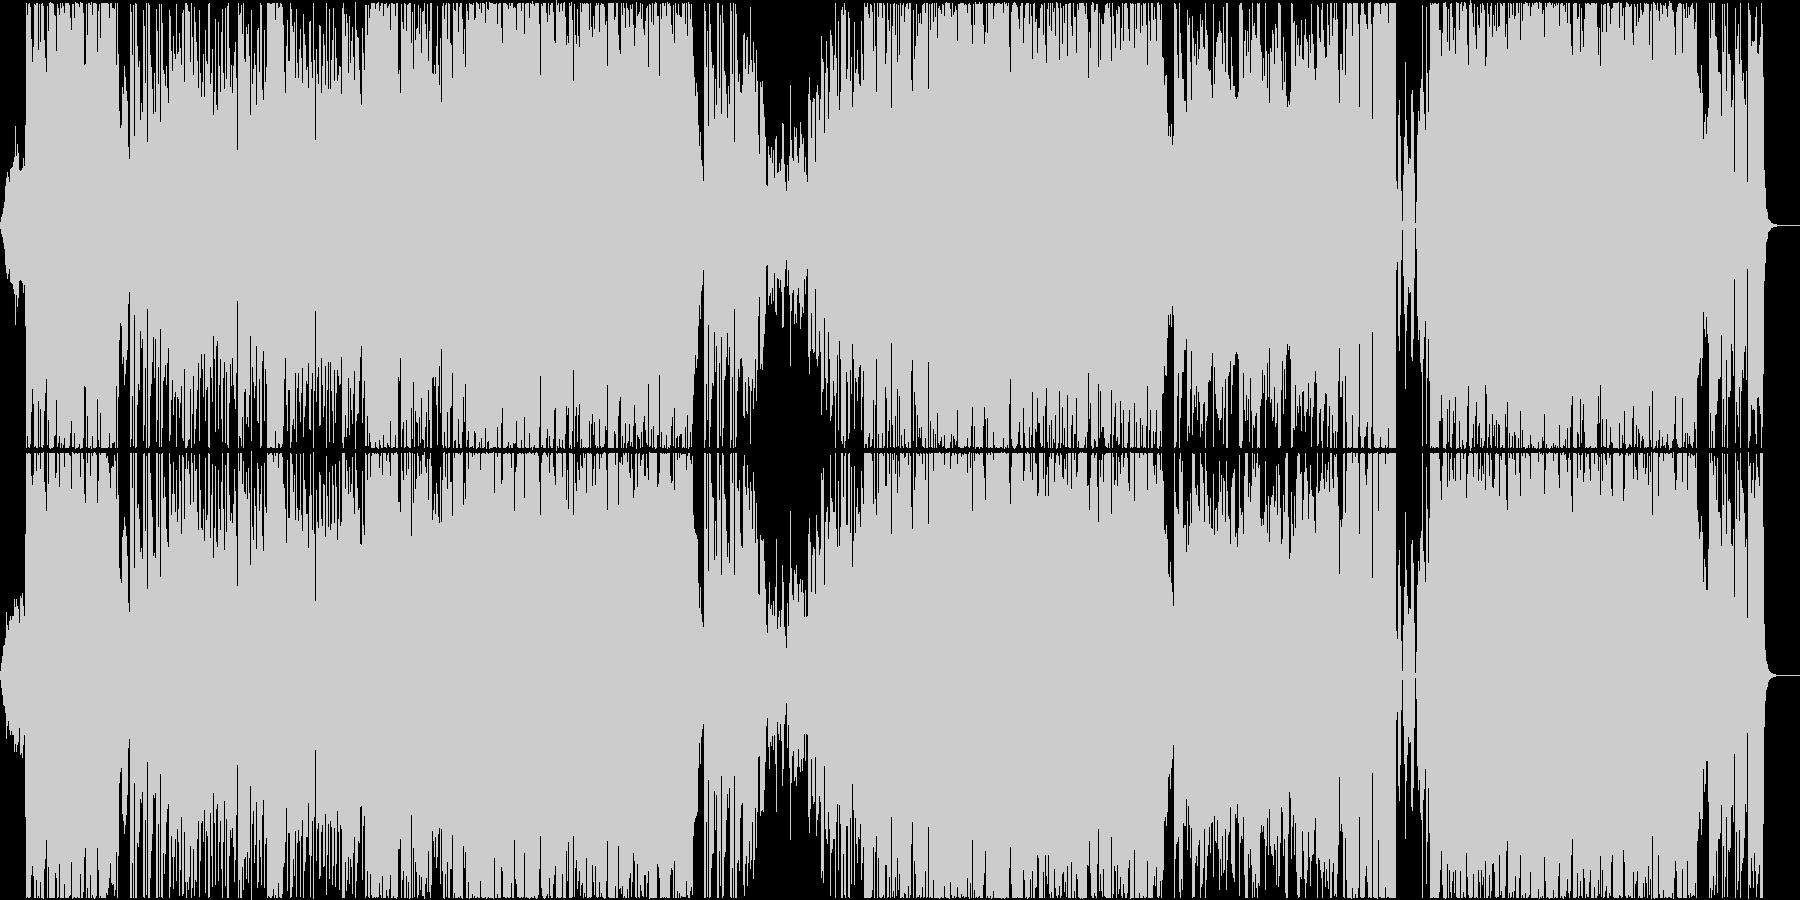 女性ボーカル/切な系ダンスポップの未再生の波形